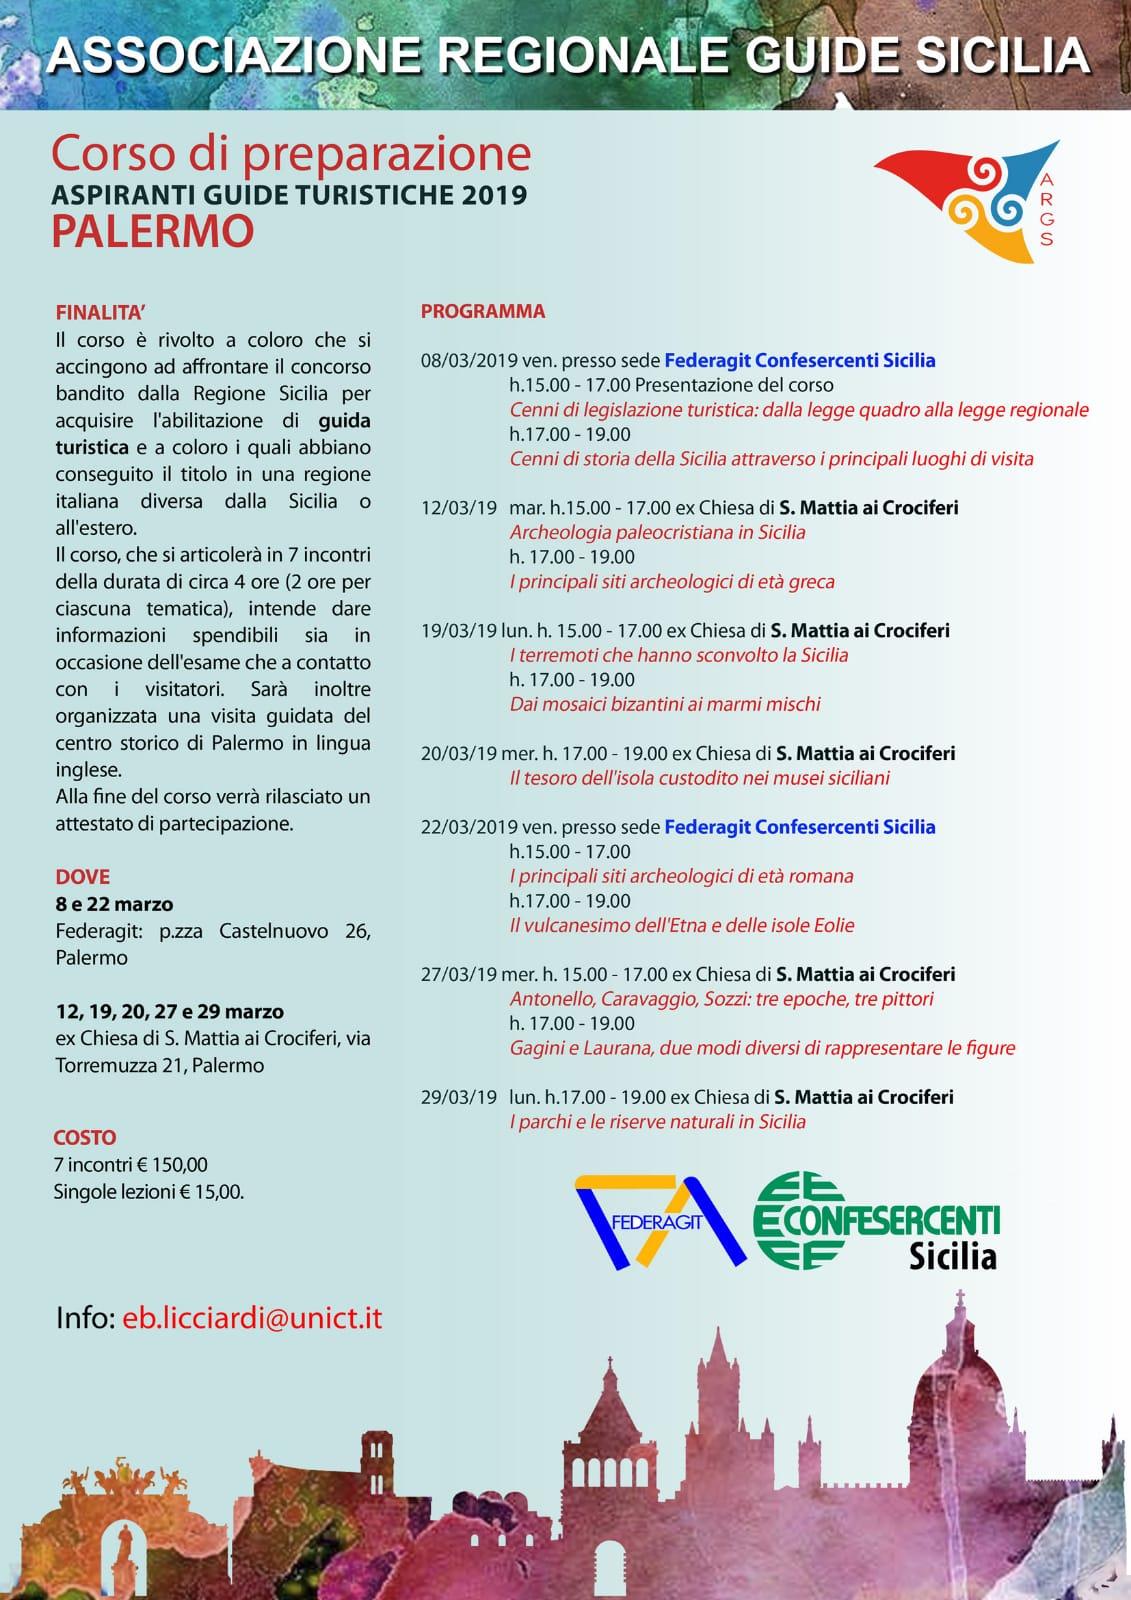 http://www.confesercentisicilia.it/wp-content/uploads/2019/03/programma-dei-lavori-corso-guide.jpeg